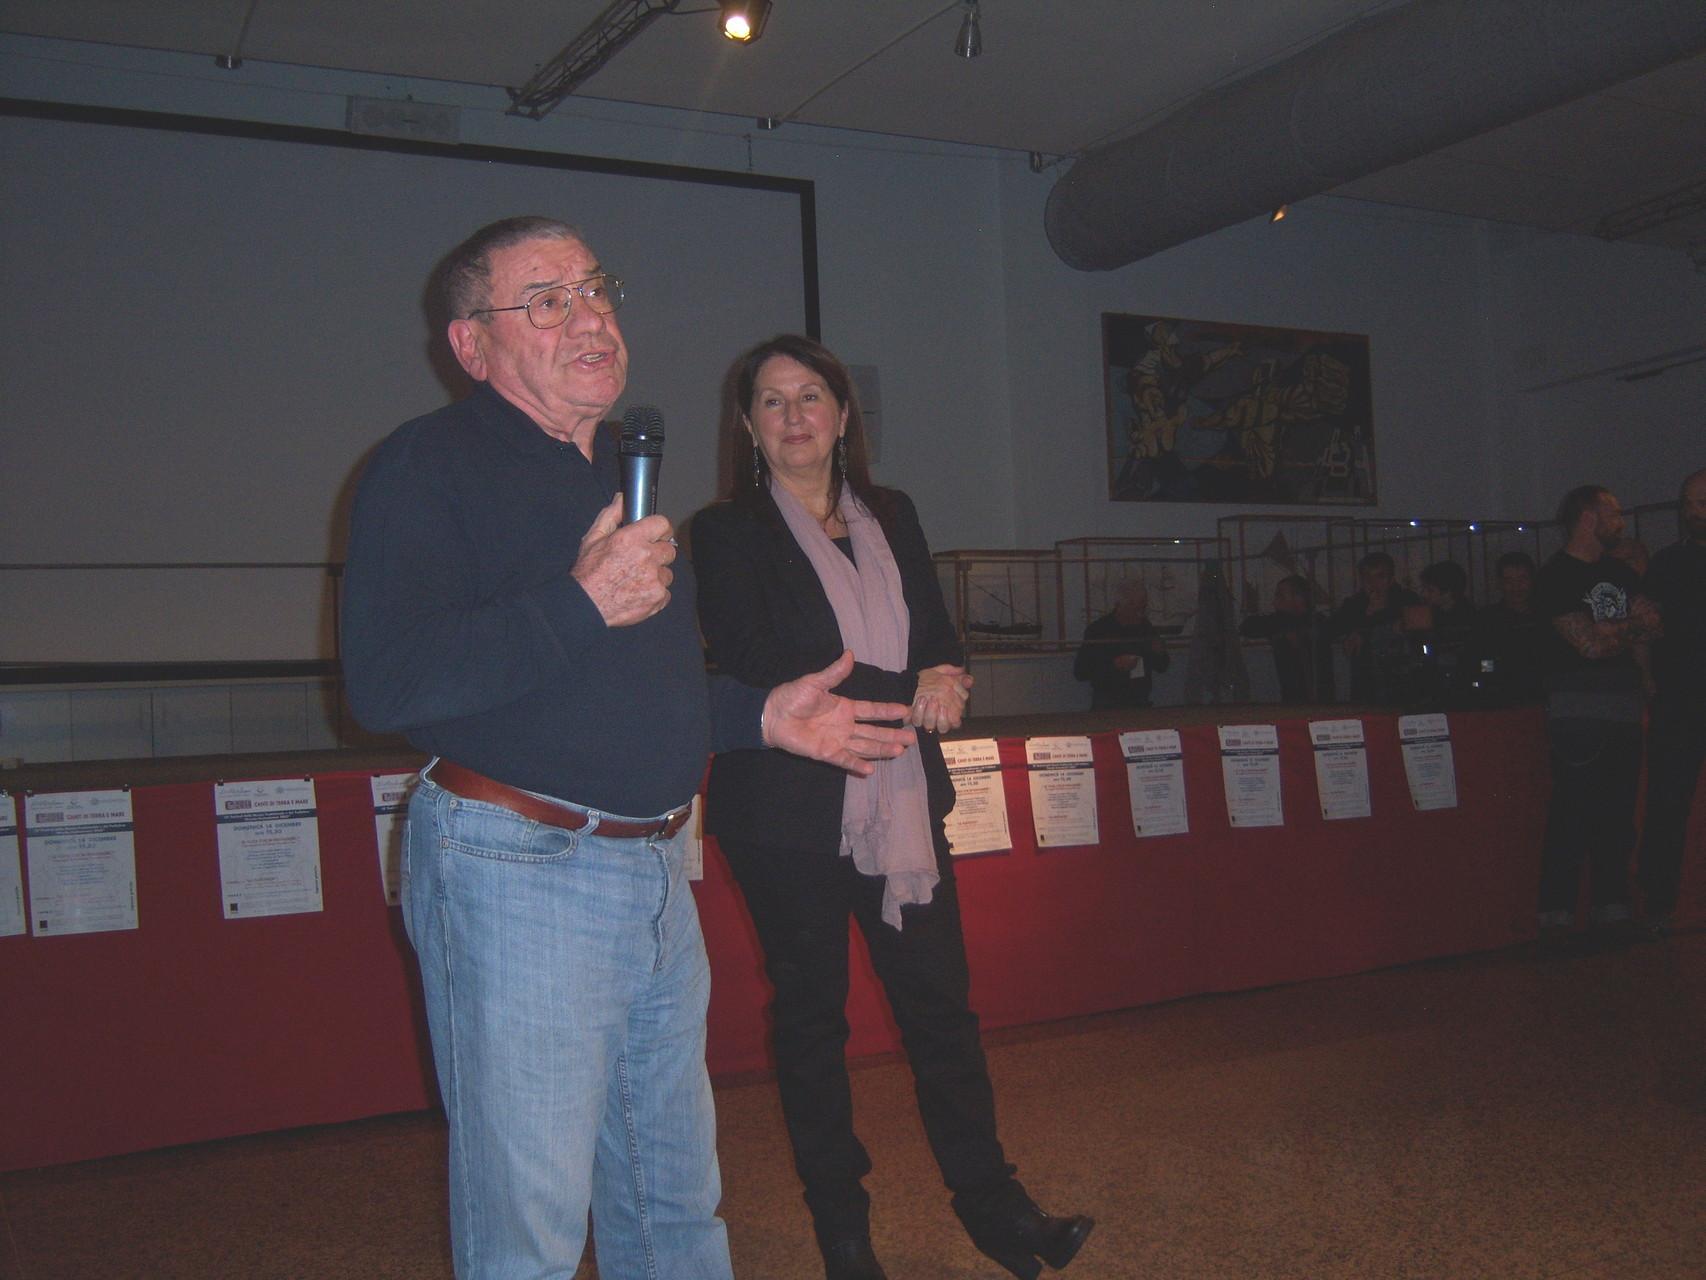 PRESENTAZIONE FESTIVAL CON IL PRESIDENTE DEL CIRCOLO AUTORITA' PORTUALE & SOCIETA' DEL PORTO